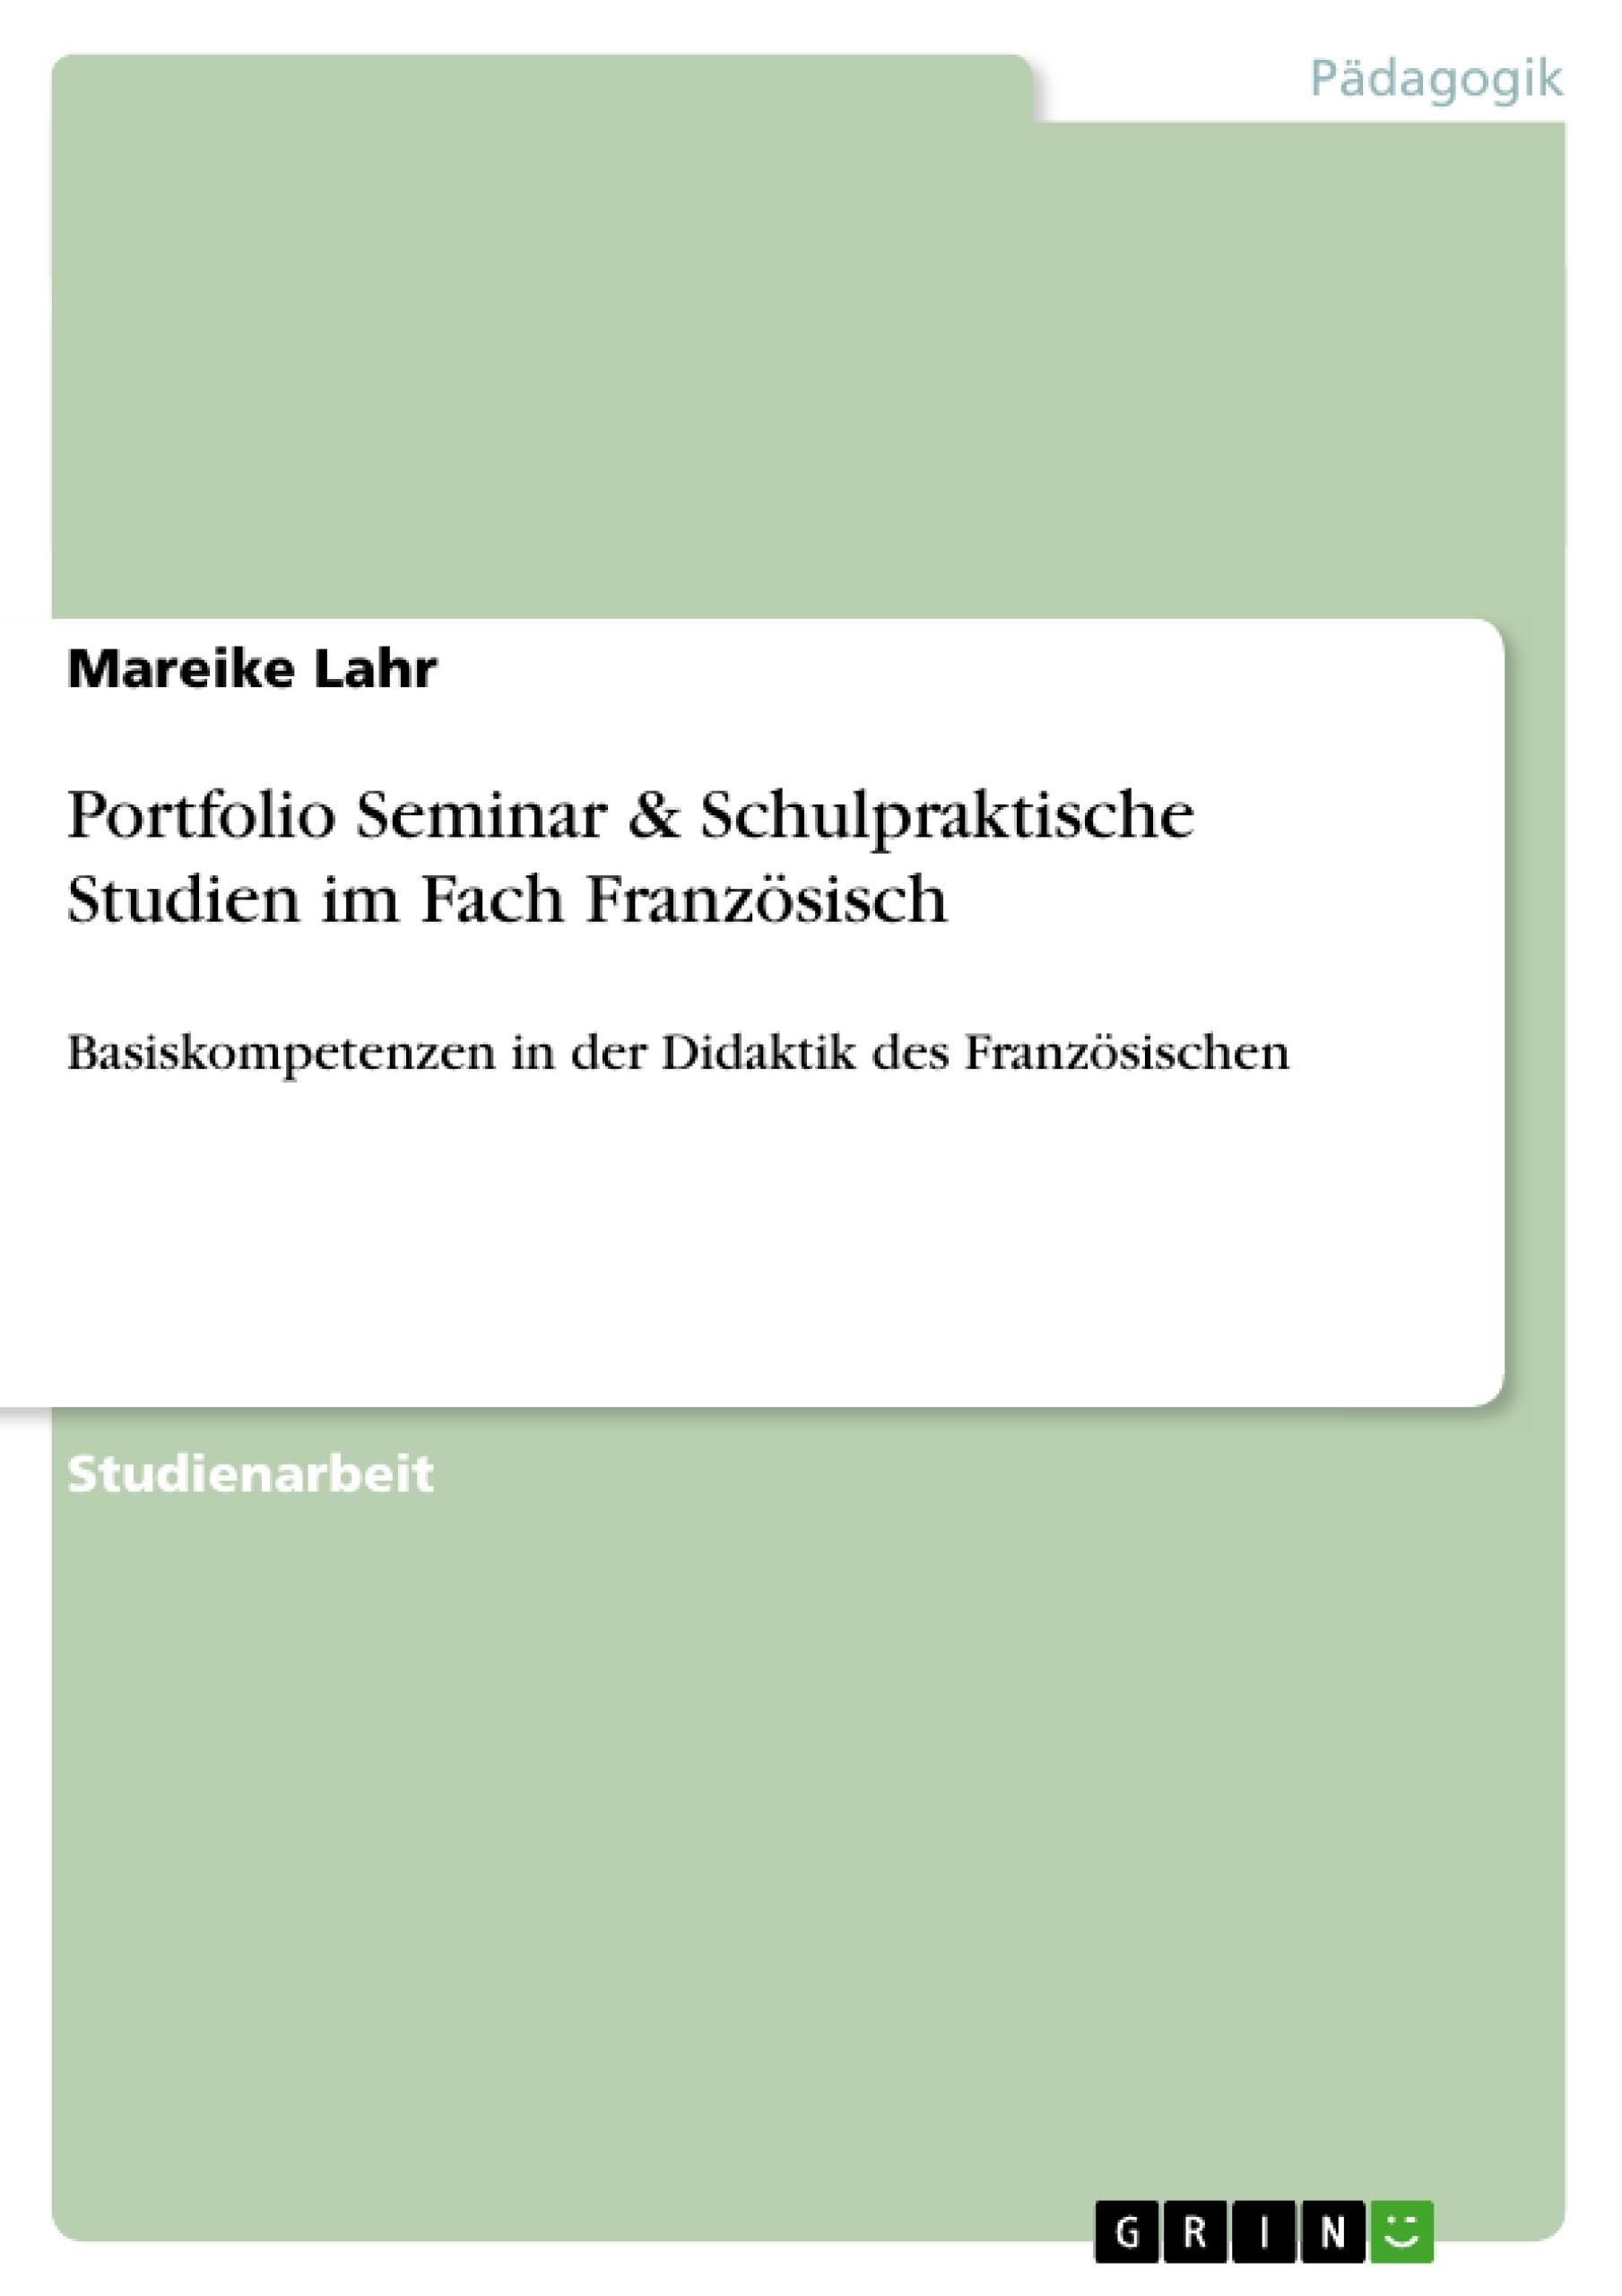 Portfolio Seminar & Schulpraktische Studien im Fach Französisch ...